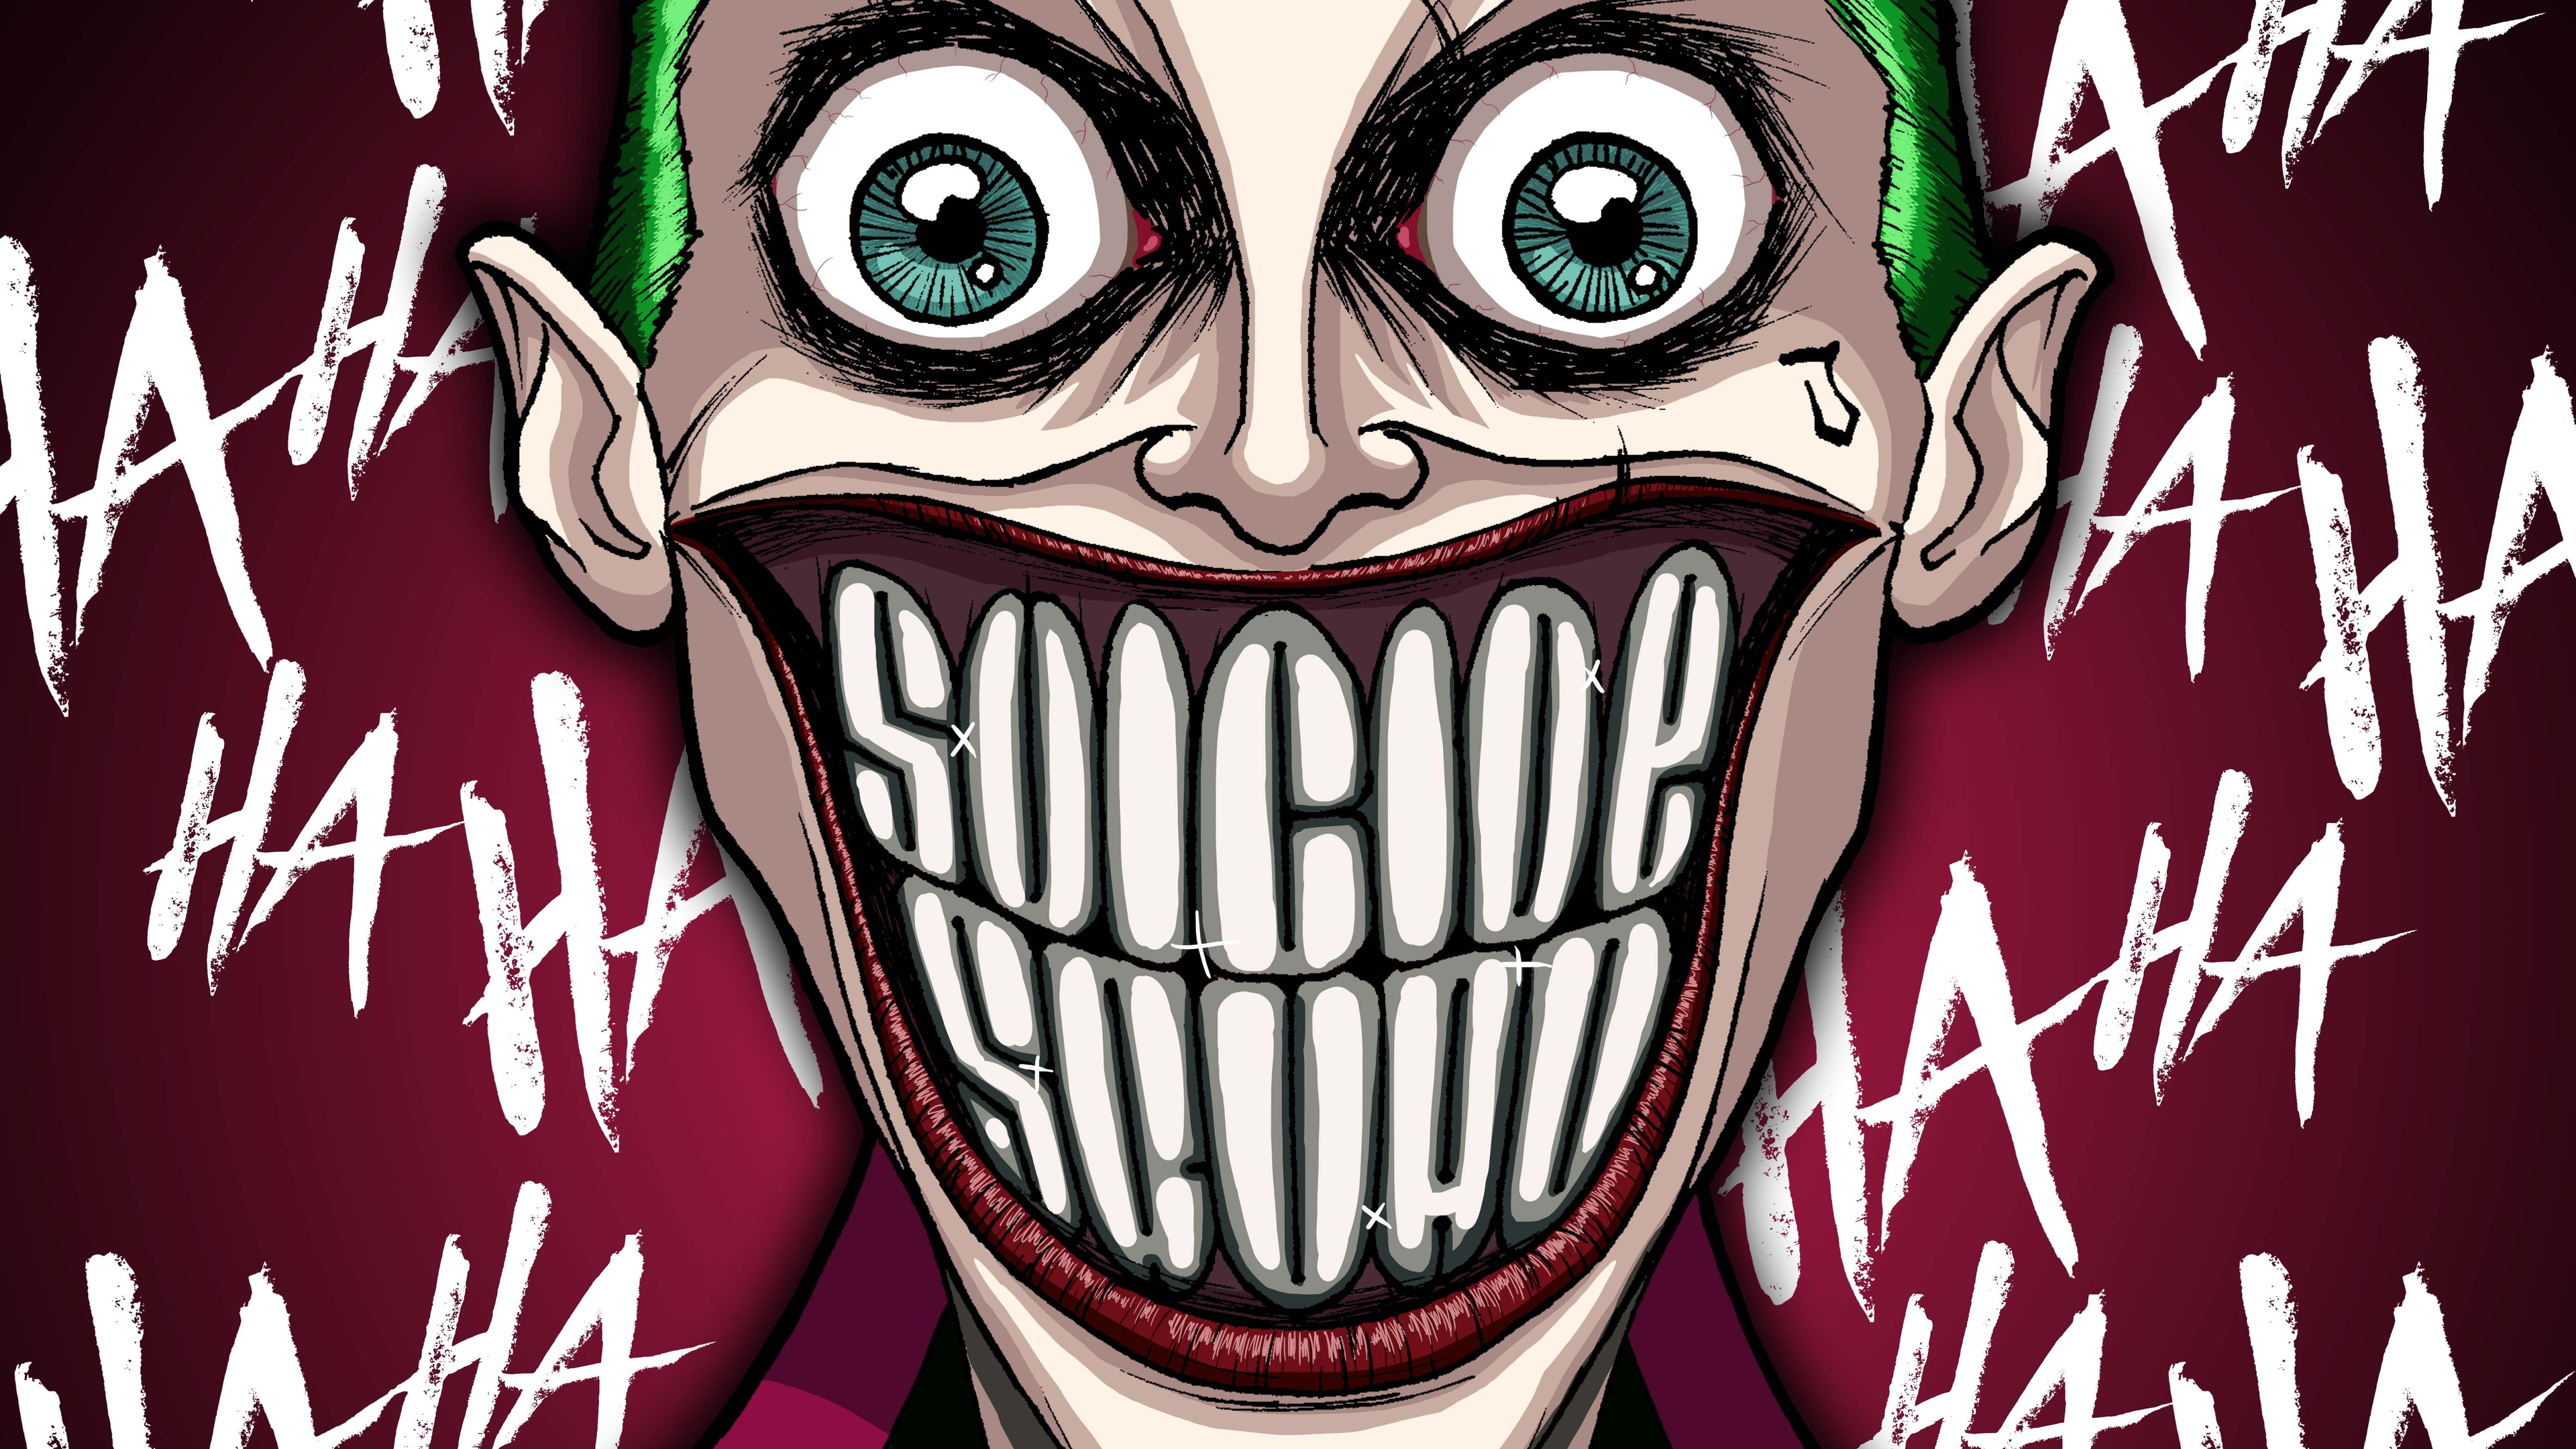 3840x2160 Joker Damaged 5k 4k HD 4k Wallpapers, Images, Backgrounds